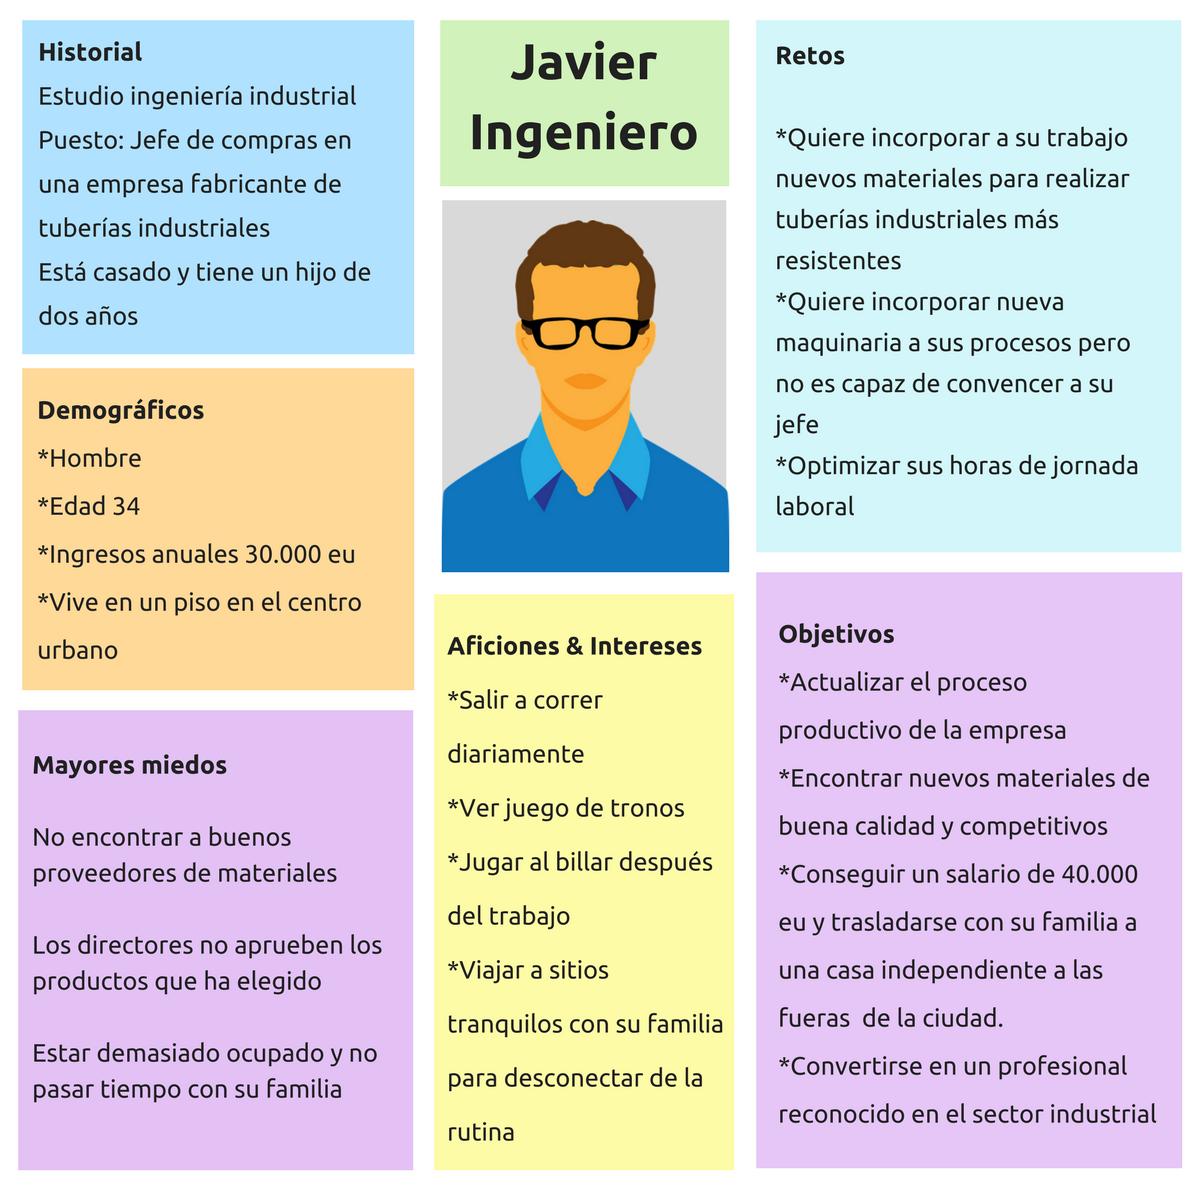 JavierMarketing